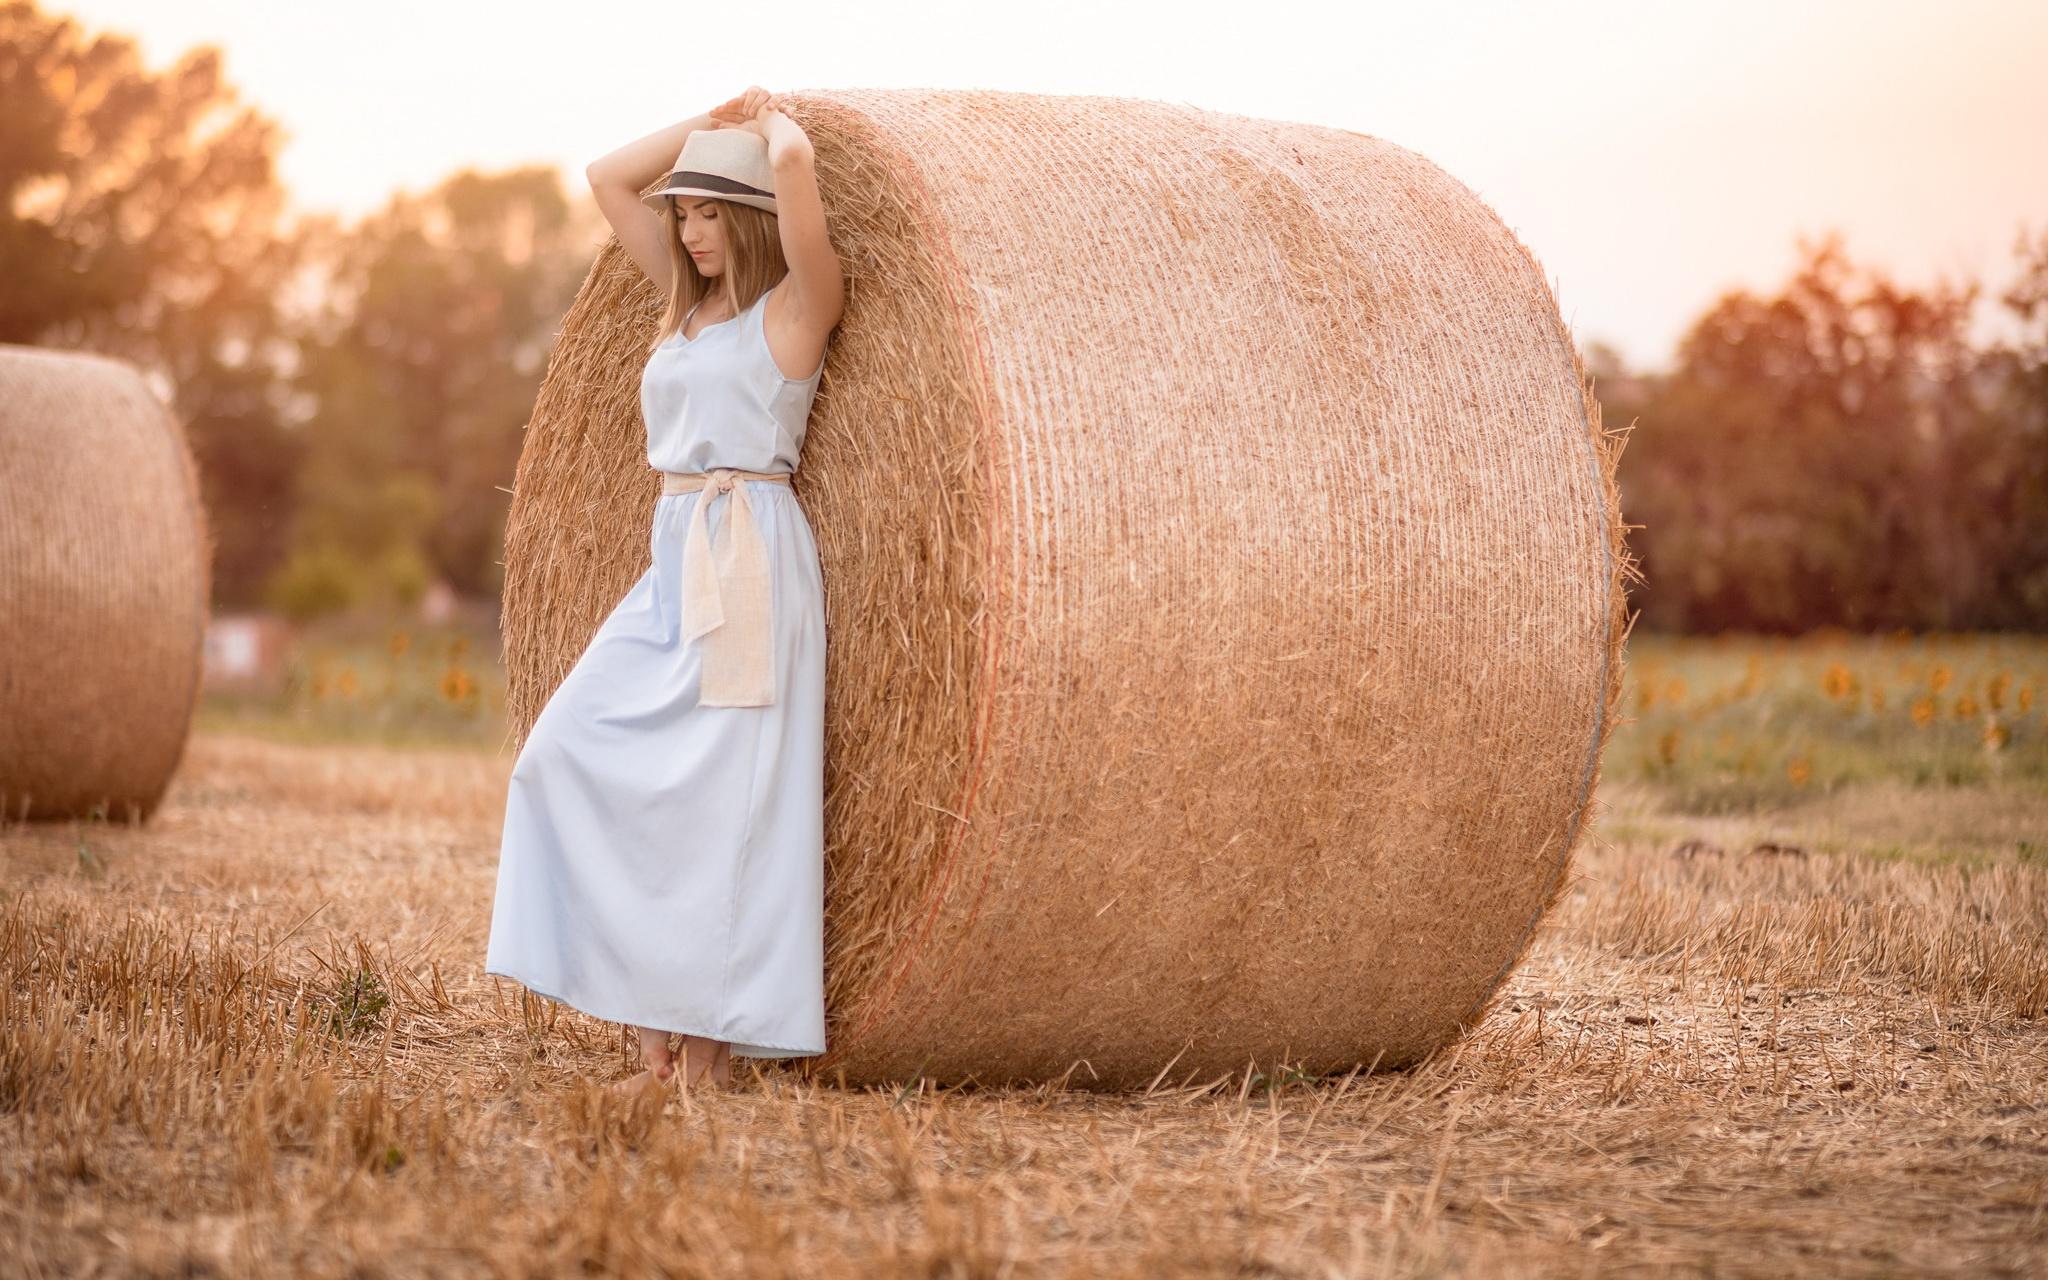 Андрусенко анна валерьевна фото длиной макси